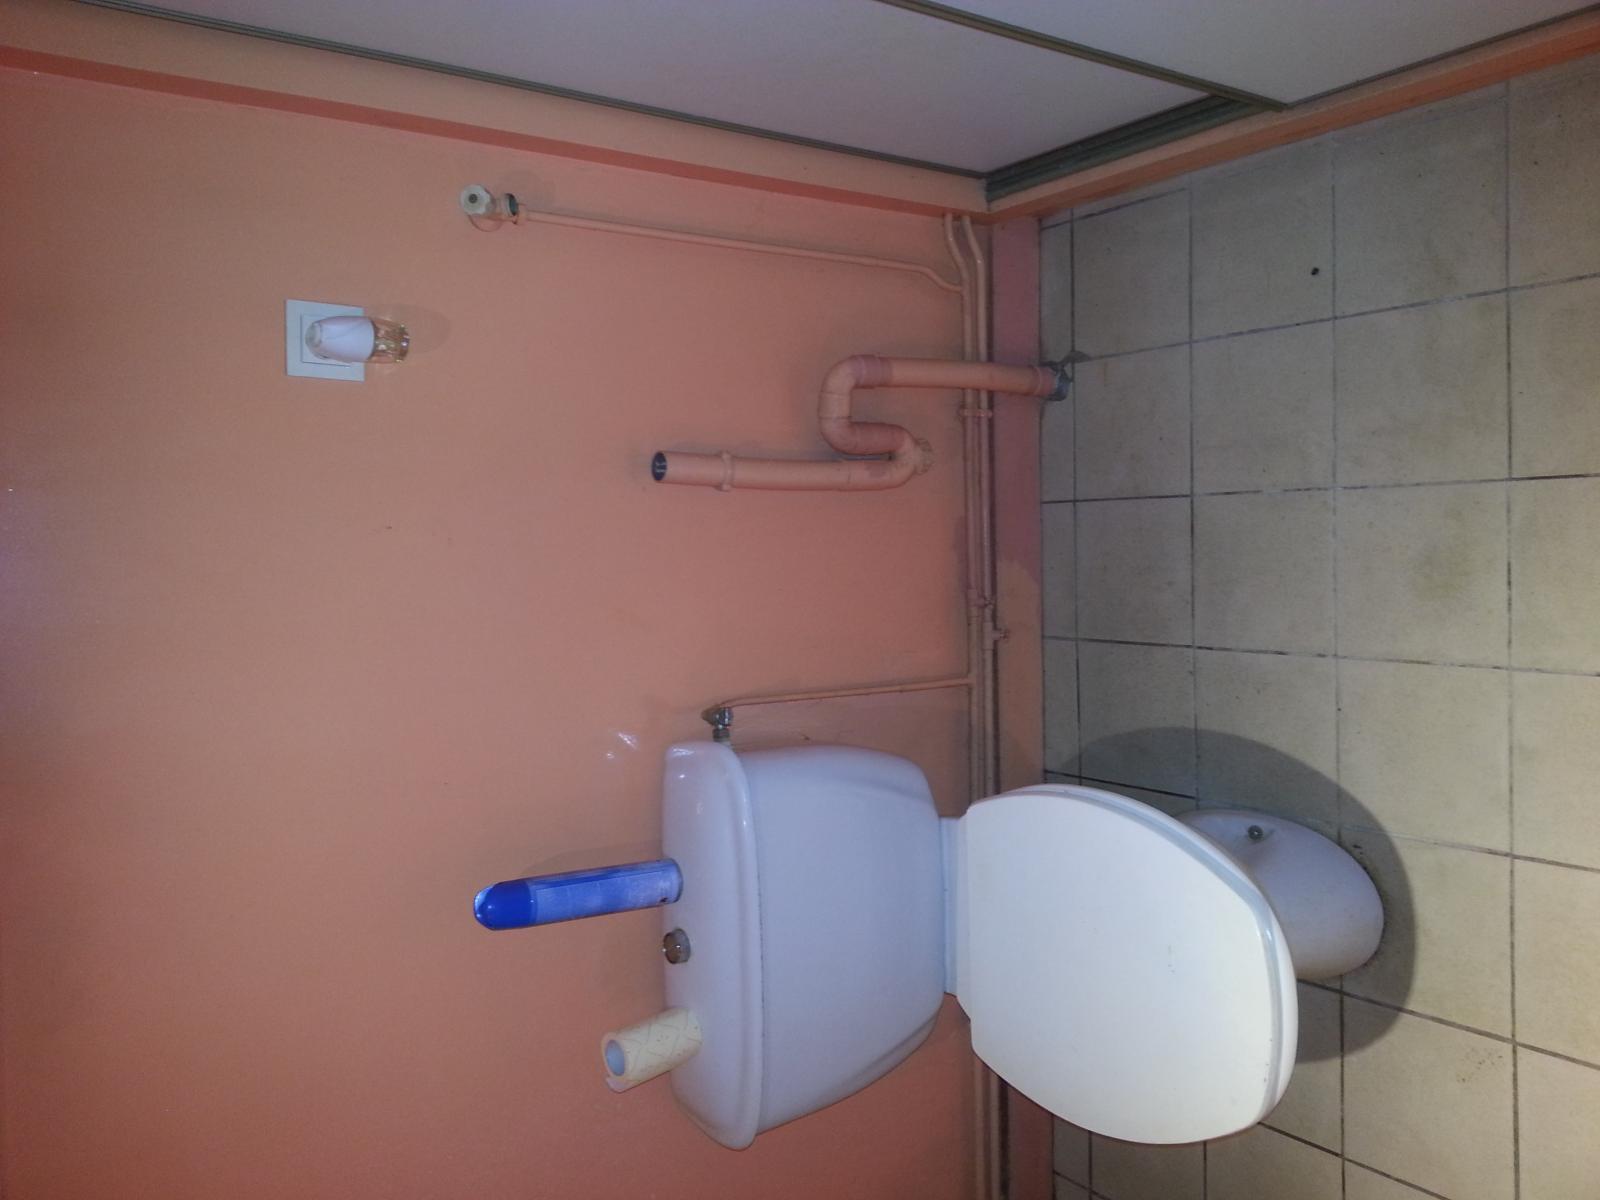 Odeur gouts salle de bain - Remontees odeurs salle de bain ...